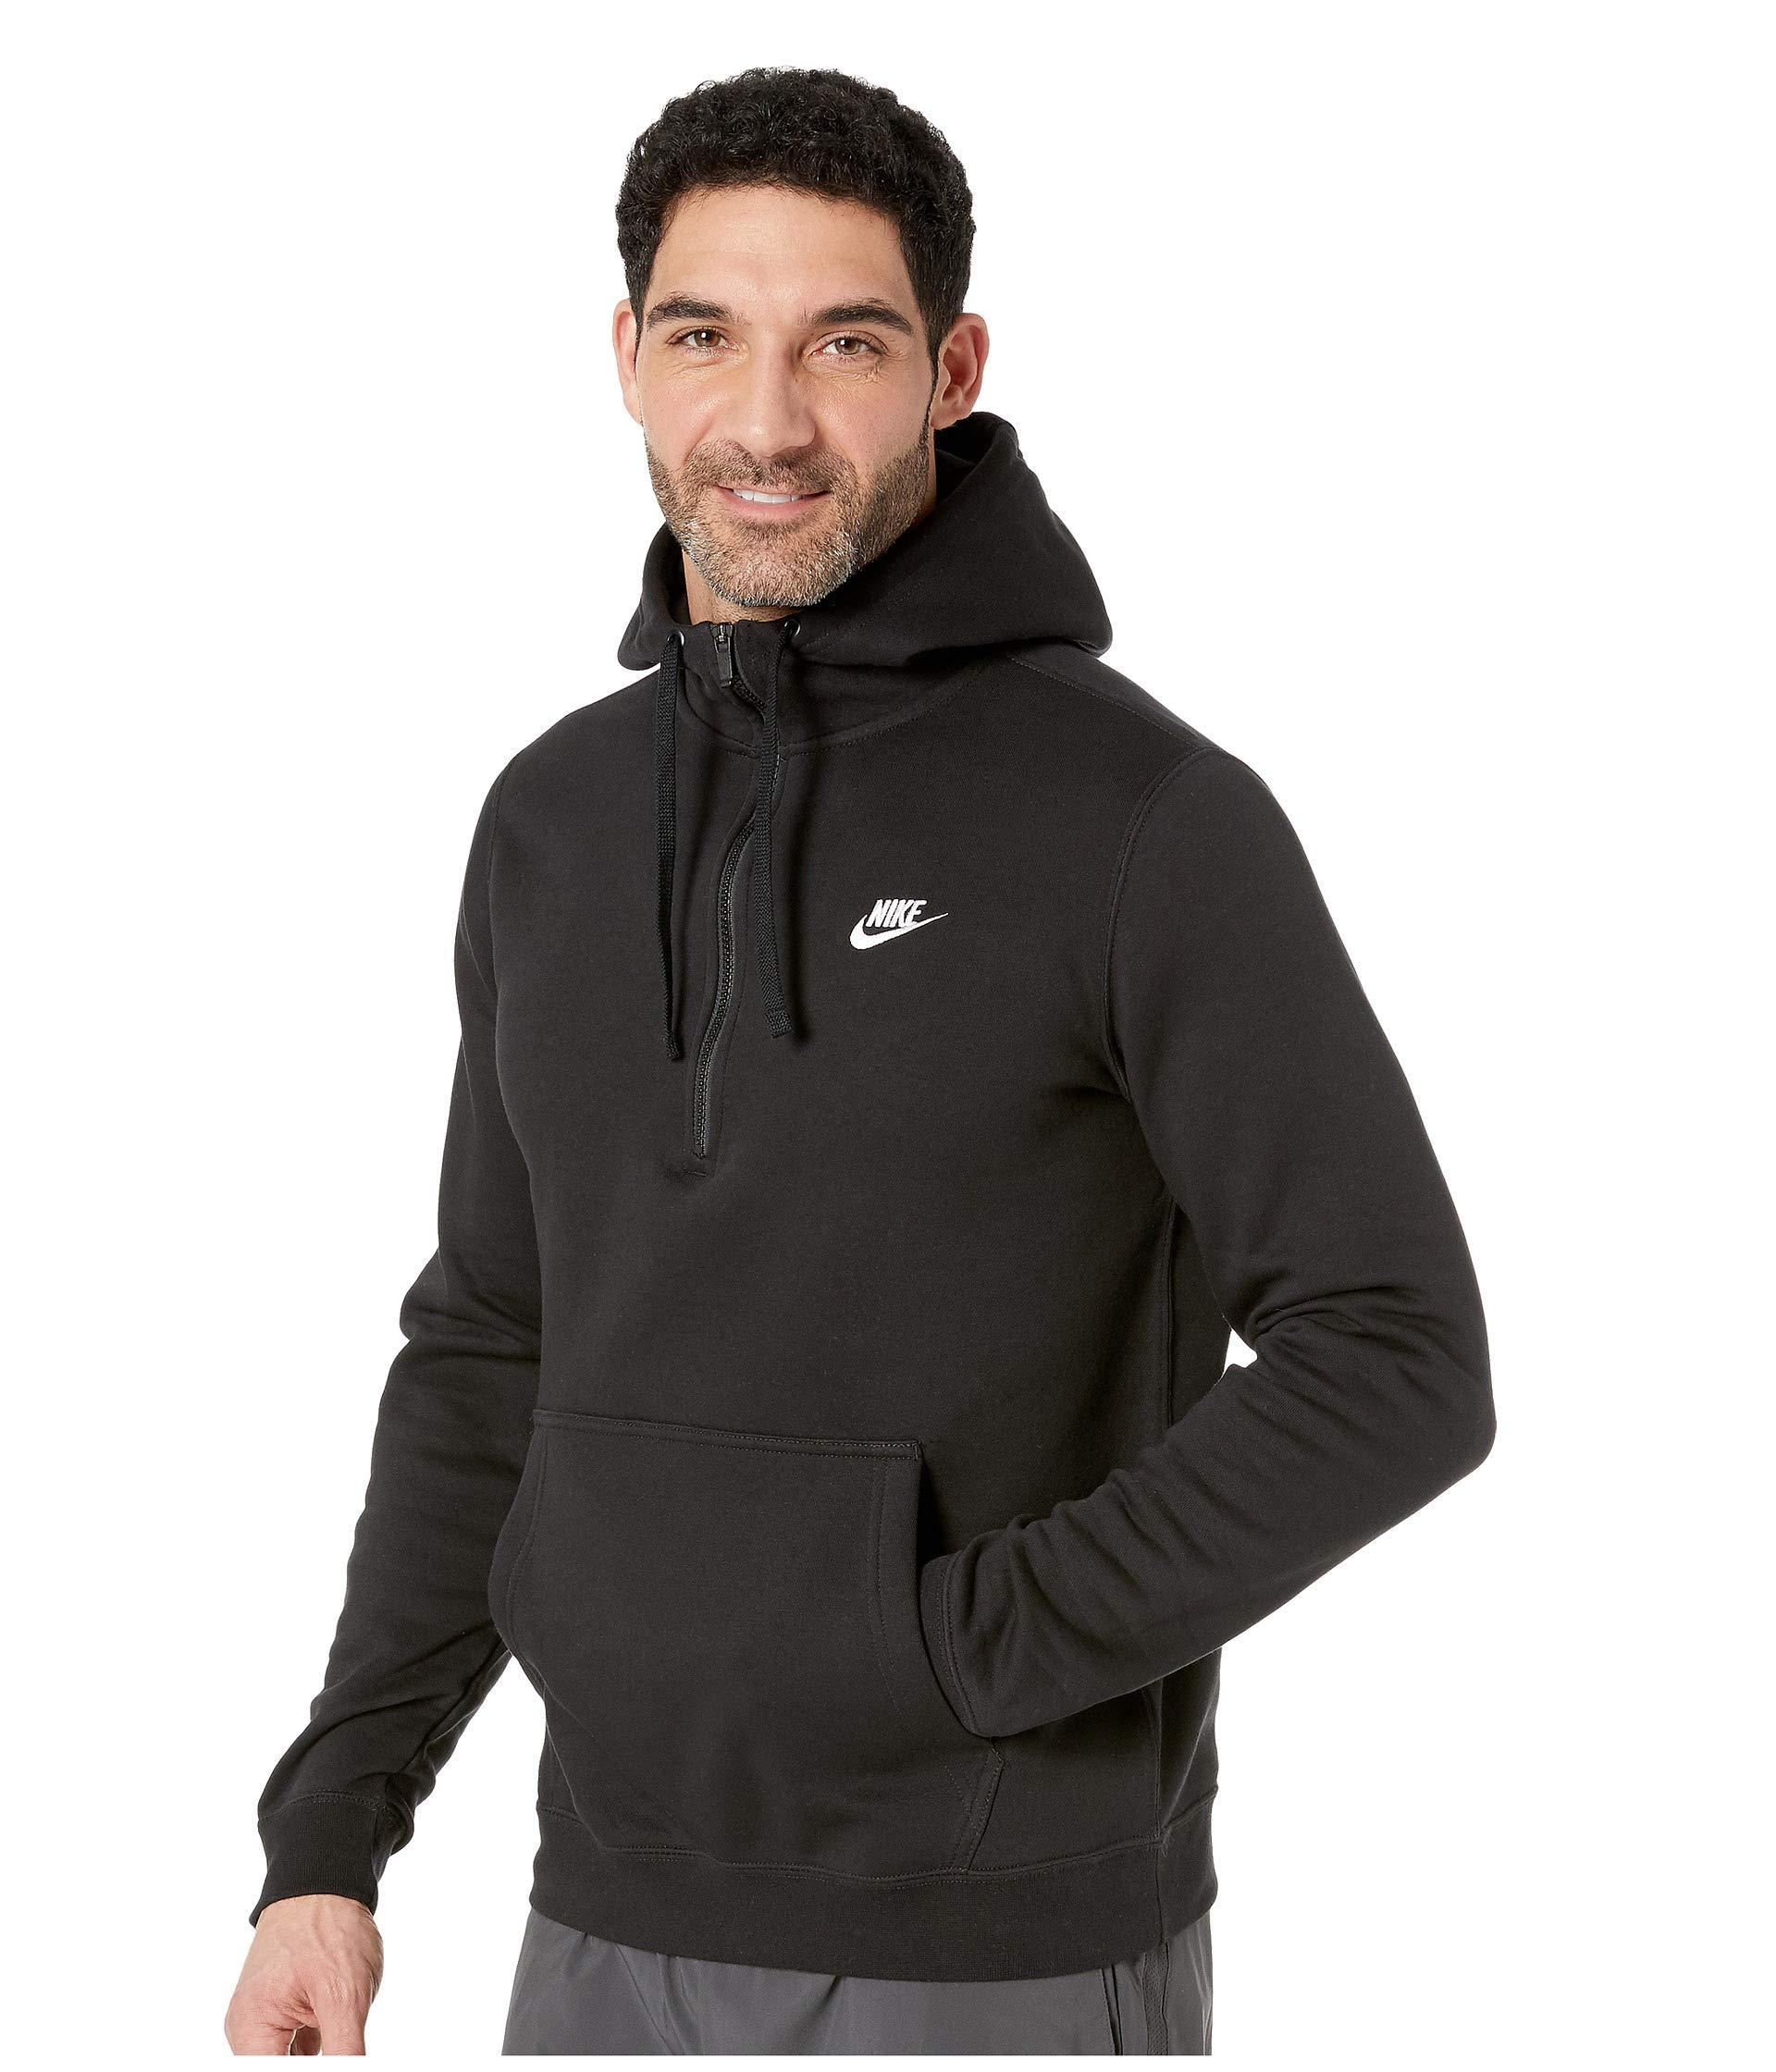 ce3fc2902aa Lyst - Nike Sportswear 1 2 Zip Hoodie (black black white) Men s Sweatshirt  in Gray for Men